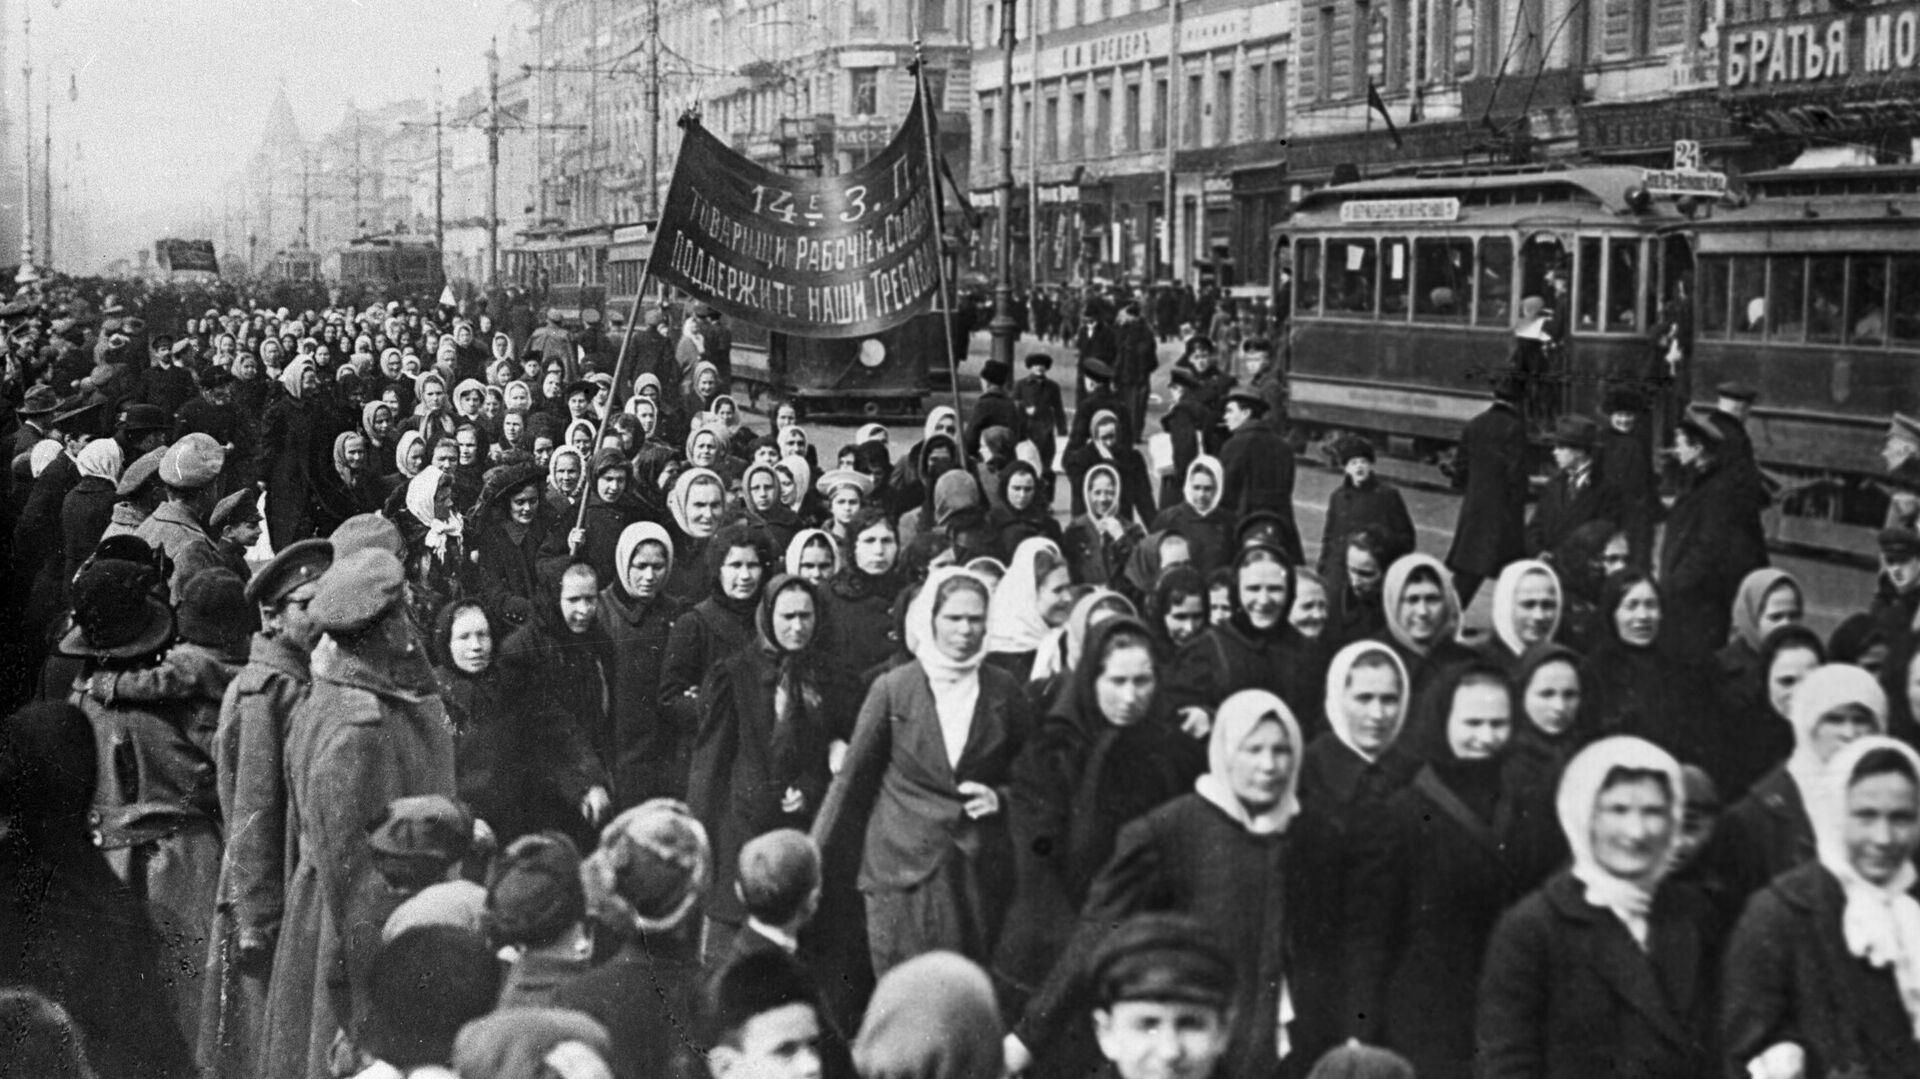 Демонстрация женщин, архивное фото - Sputnik Таджикистан, 1920, 03.04.2021